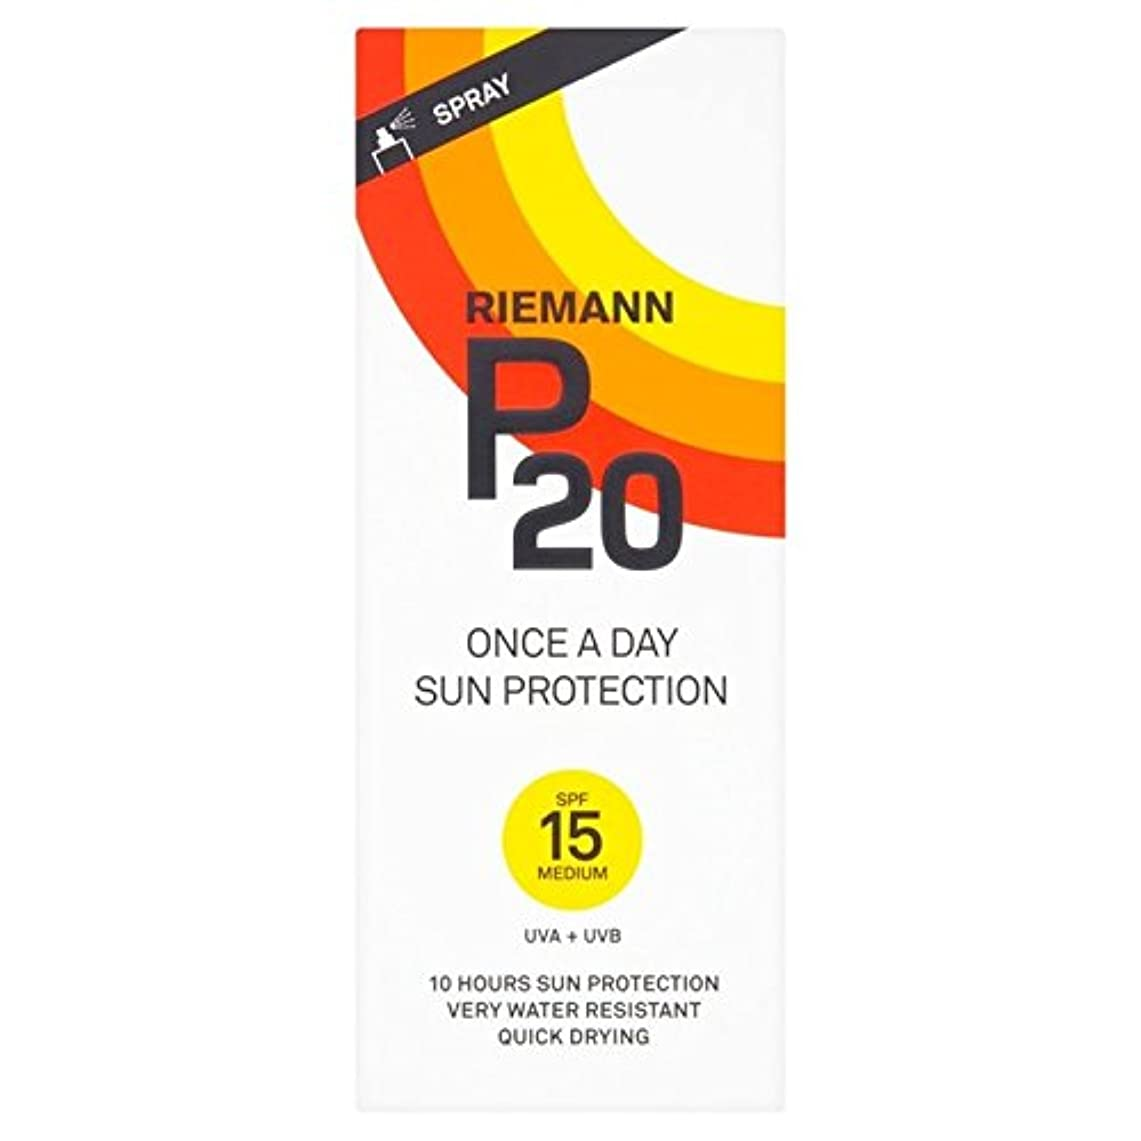 詩責め潜在的なリーマン20 15 1日/ 10時間の保護200ミリリットル x4 - Riemann P20 SPF15 1 Day/10 Hour Protection 200ml (Pack of 4) [並行輸入品]